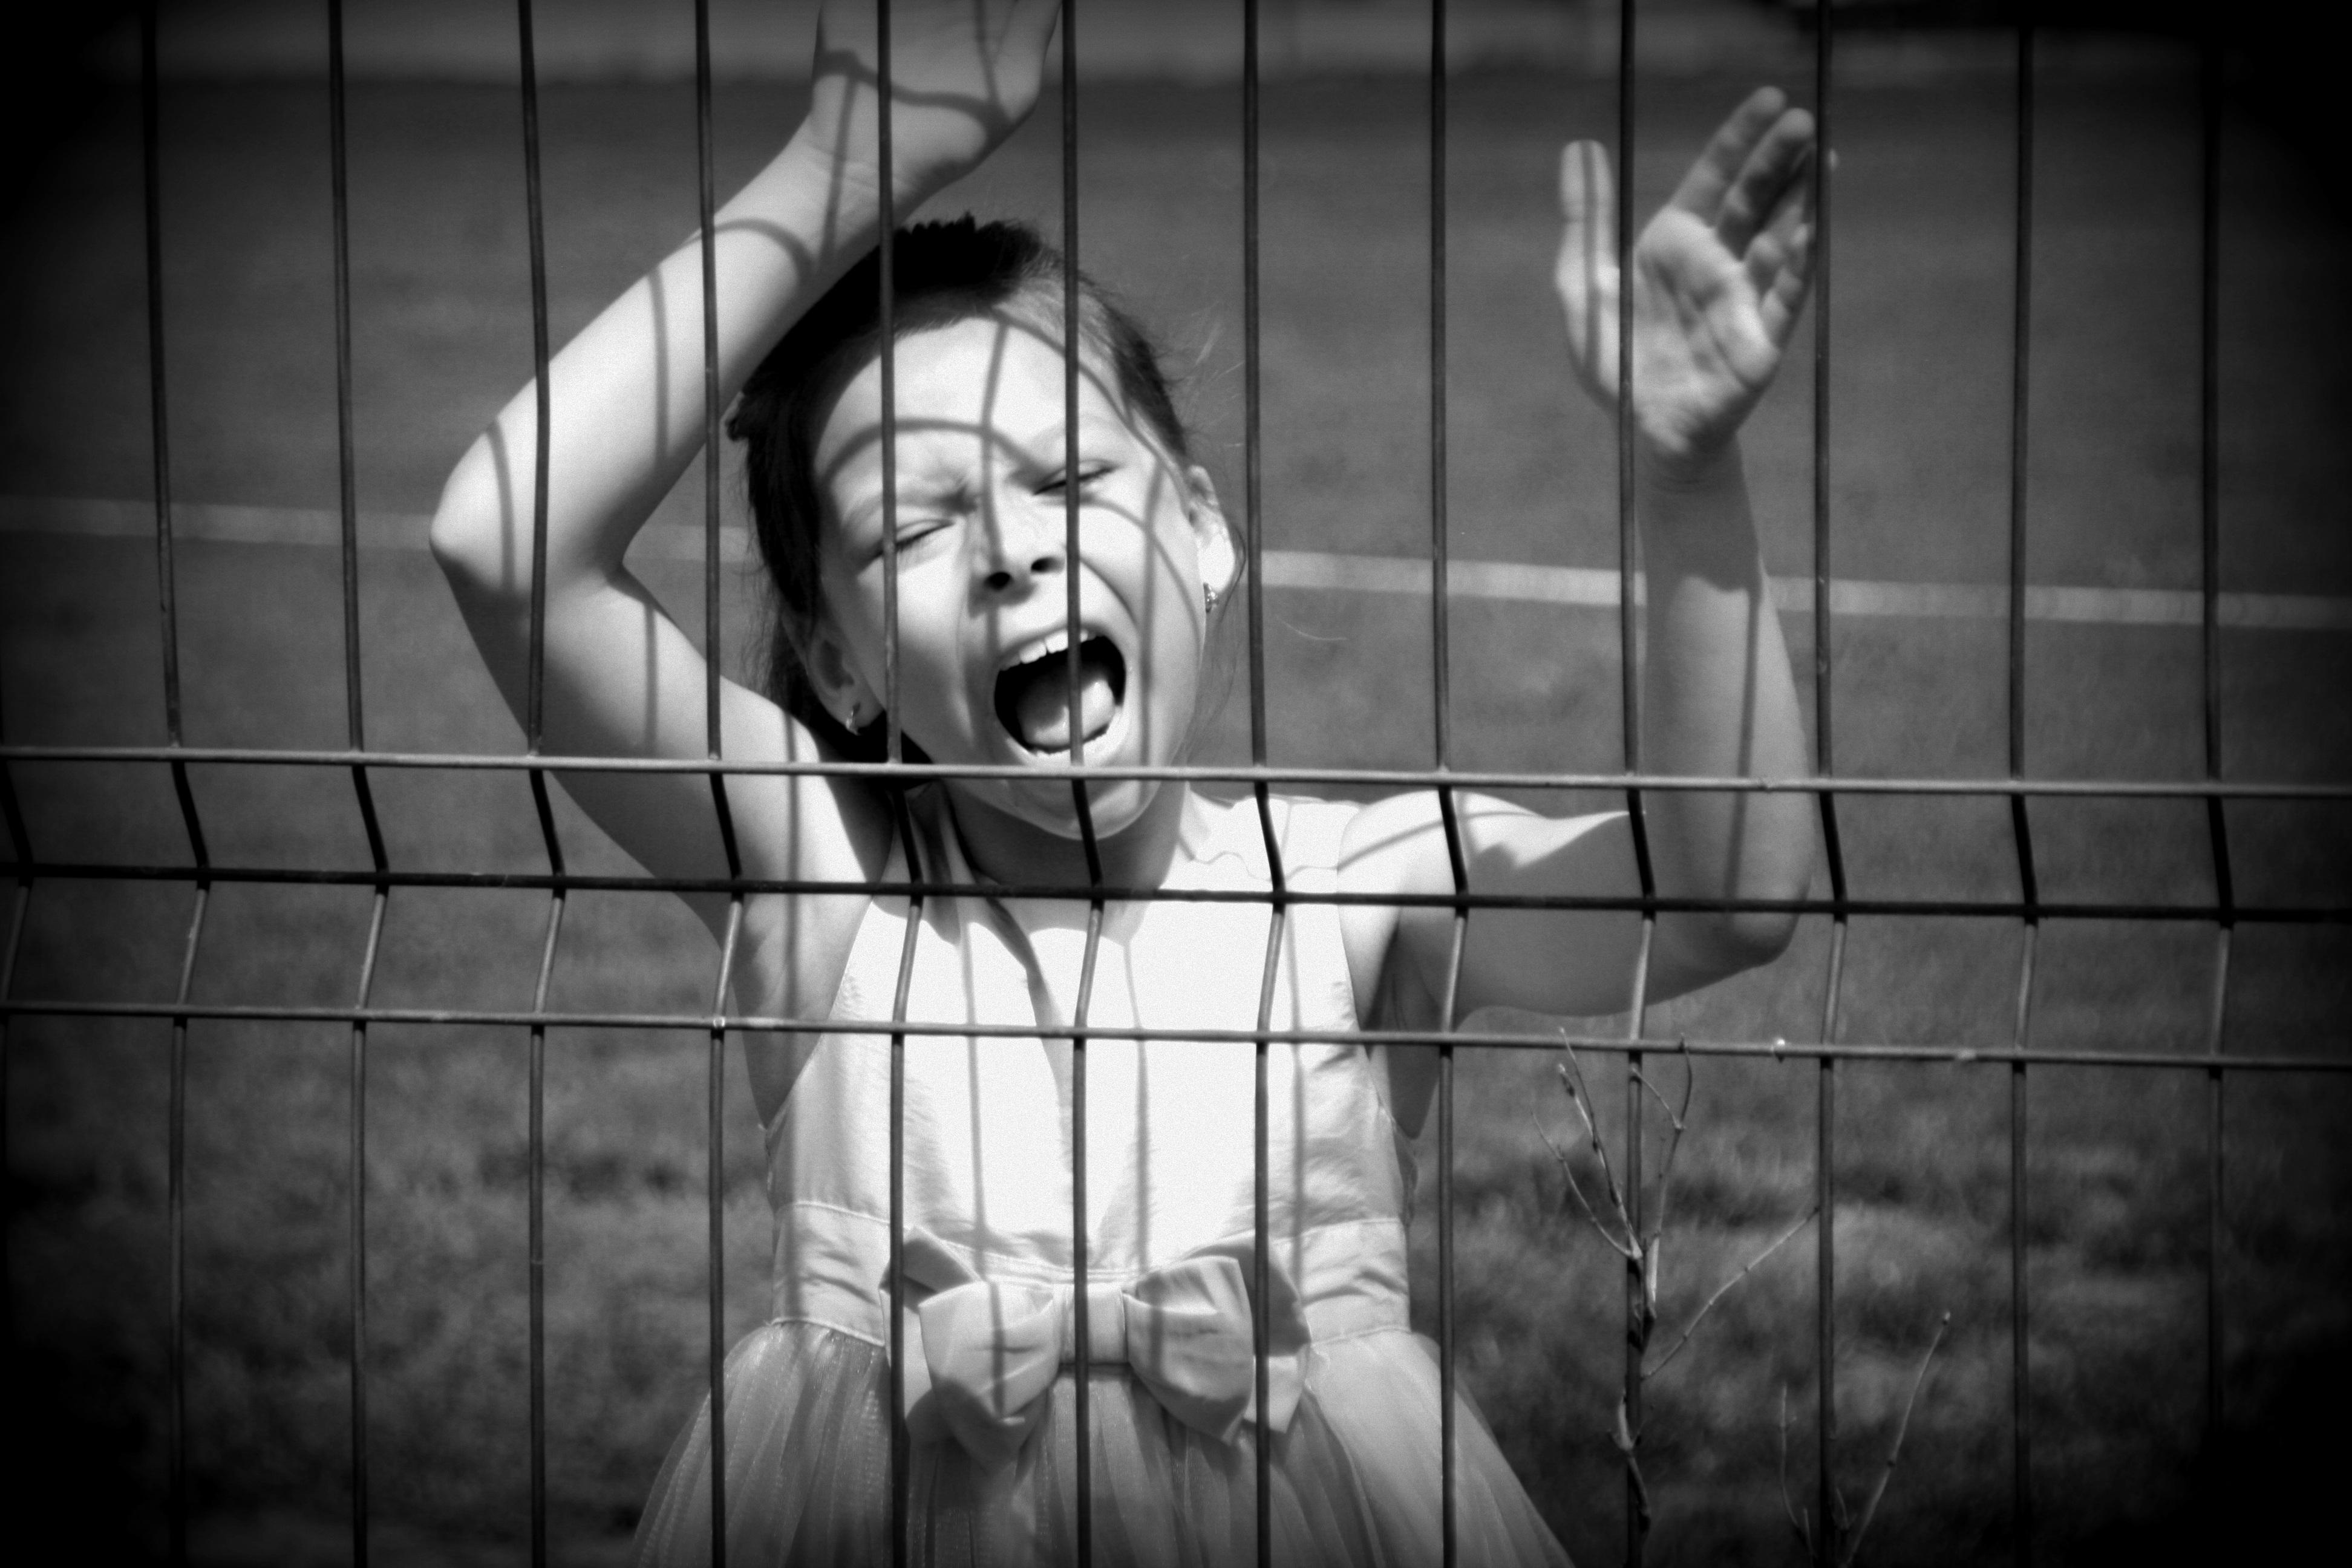 Істерика у дитини: може й собі по підлозі покататись?